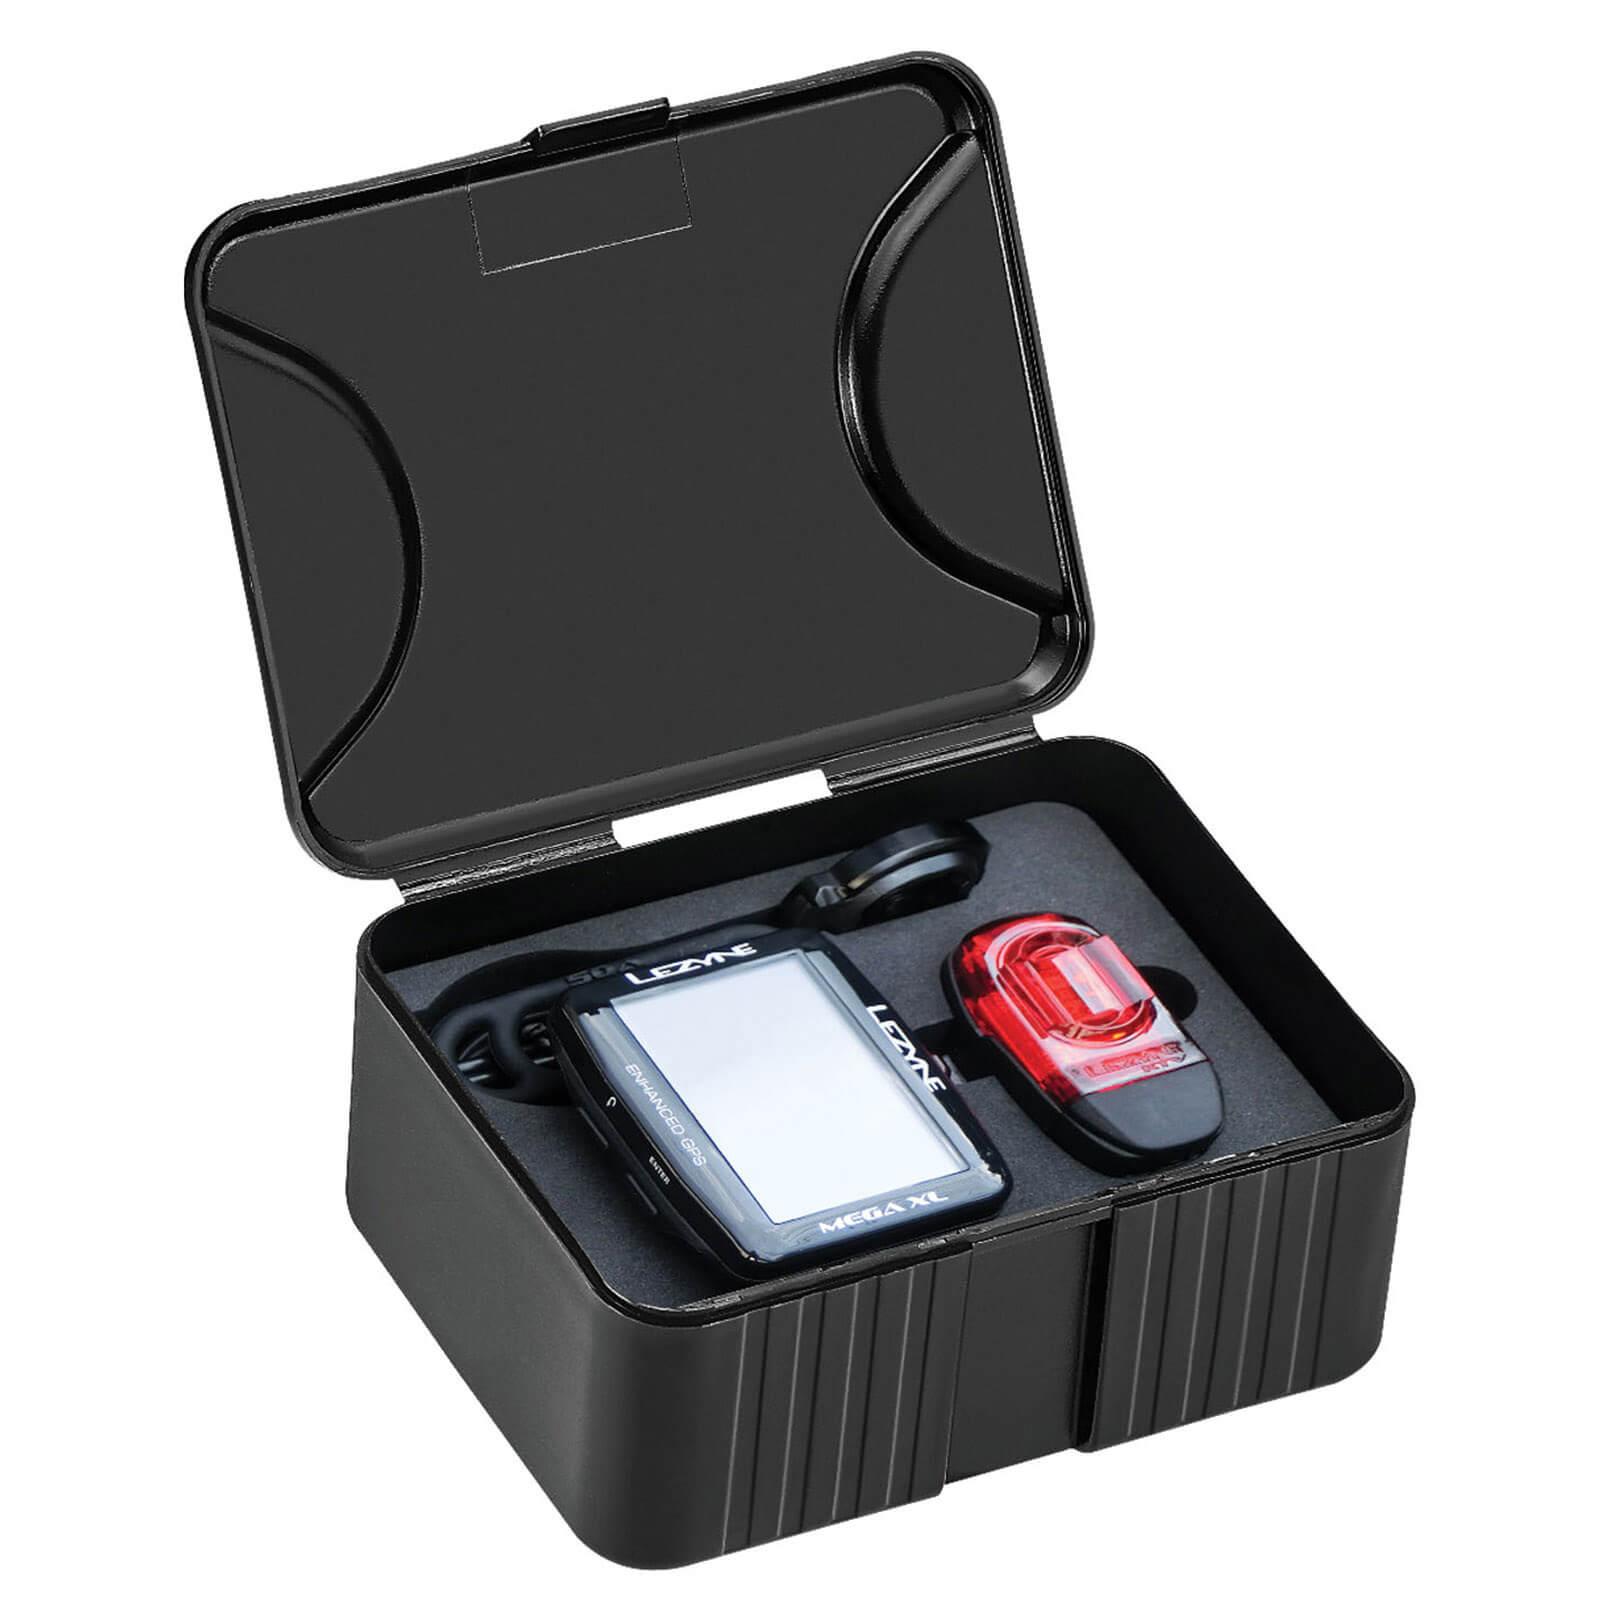 Lezyne Mega XL GPS Smart Loaded